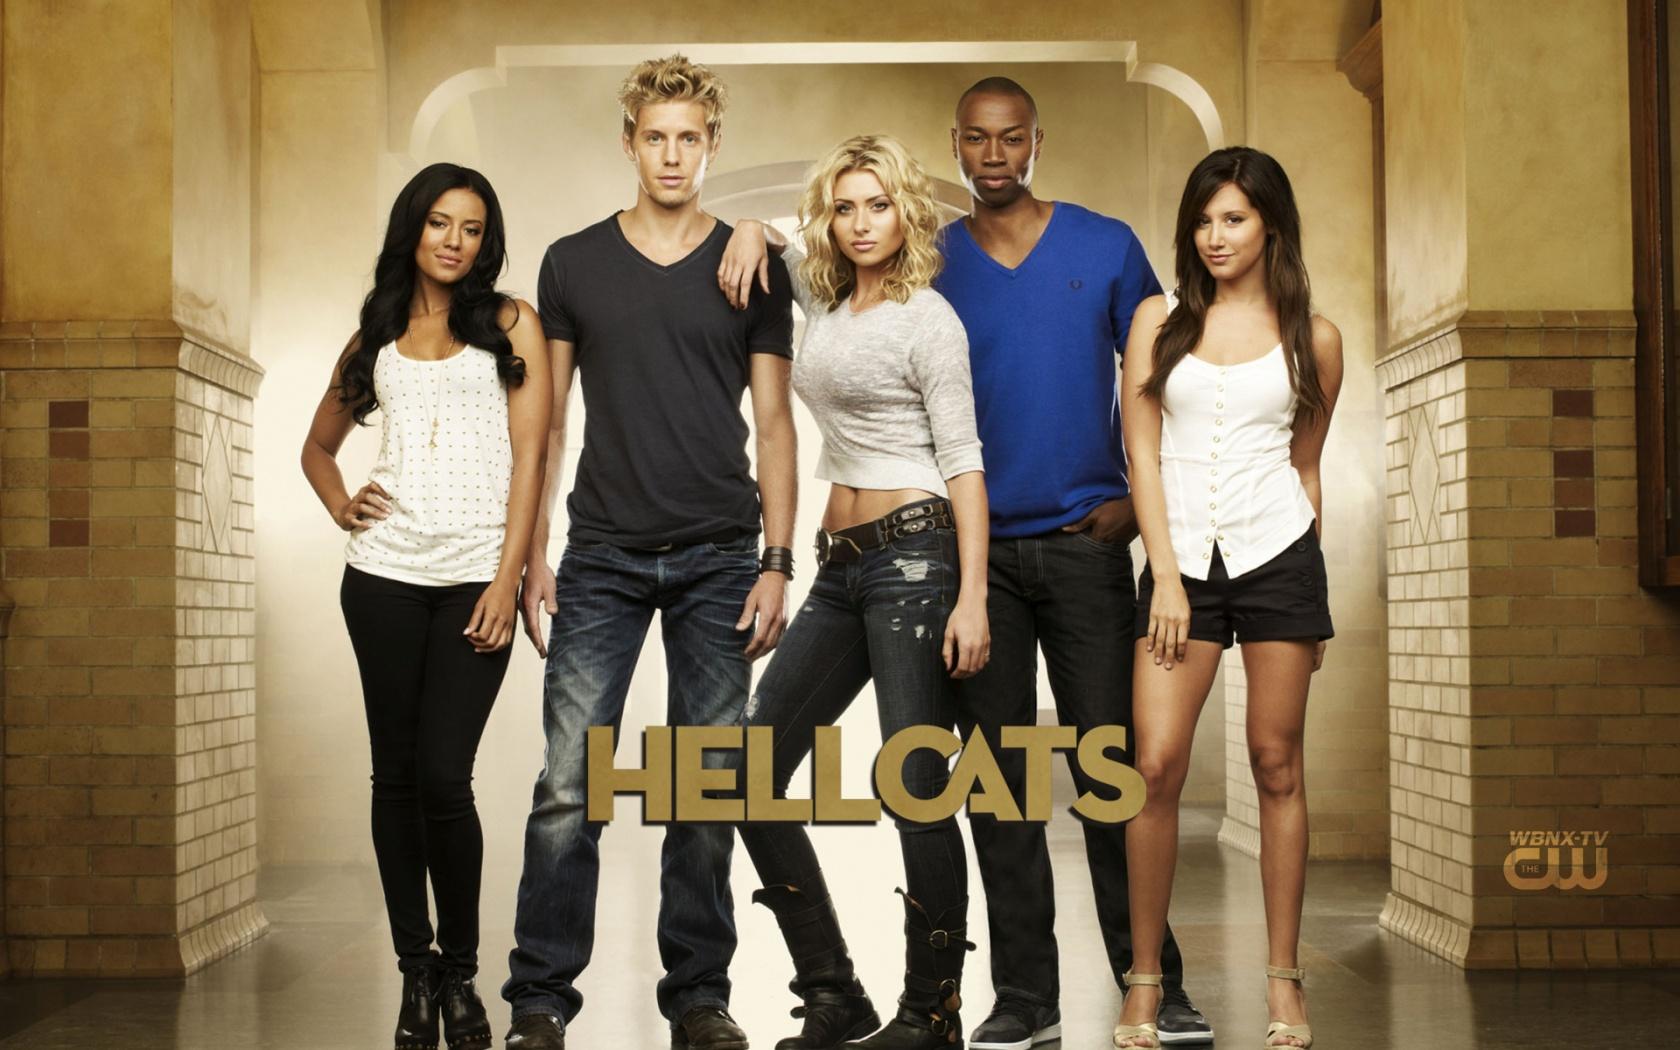 Сериал настоящая кровь 4 сезон смотреть онлайн бесплатно.